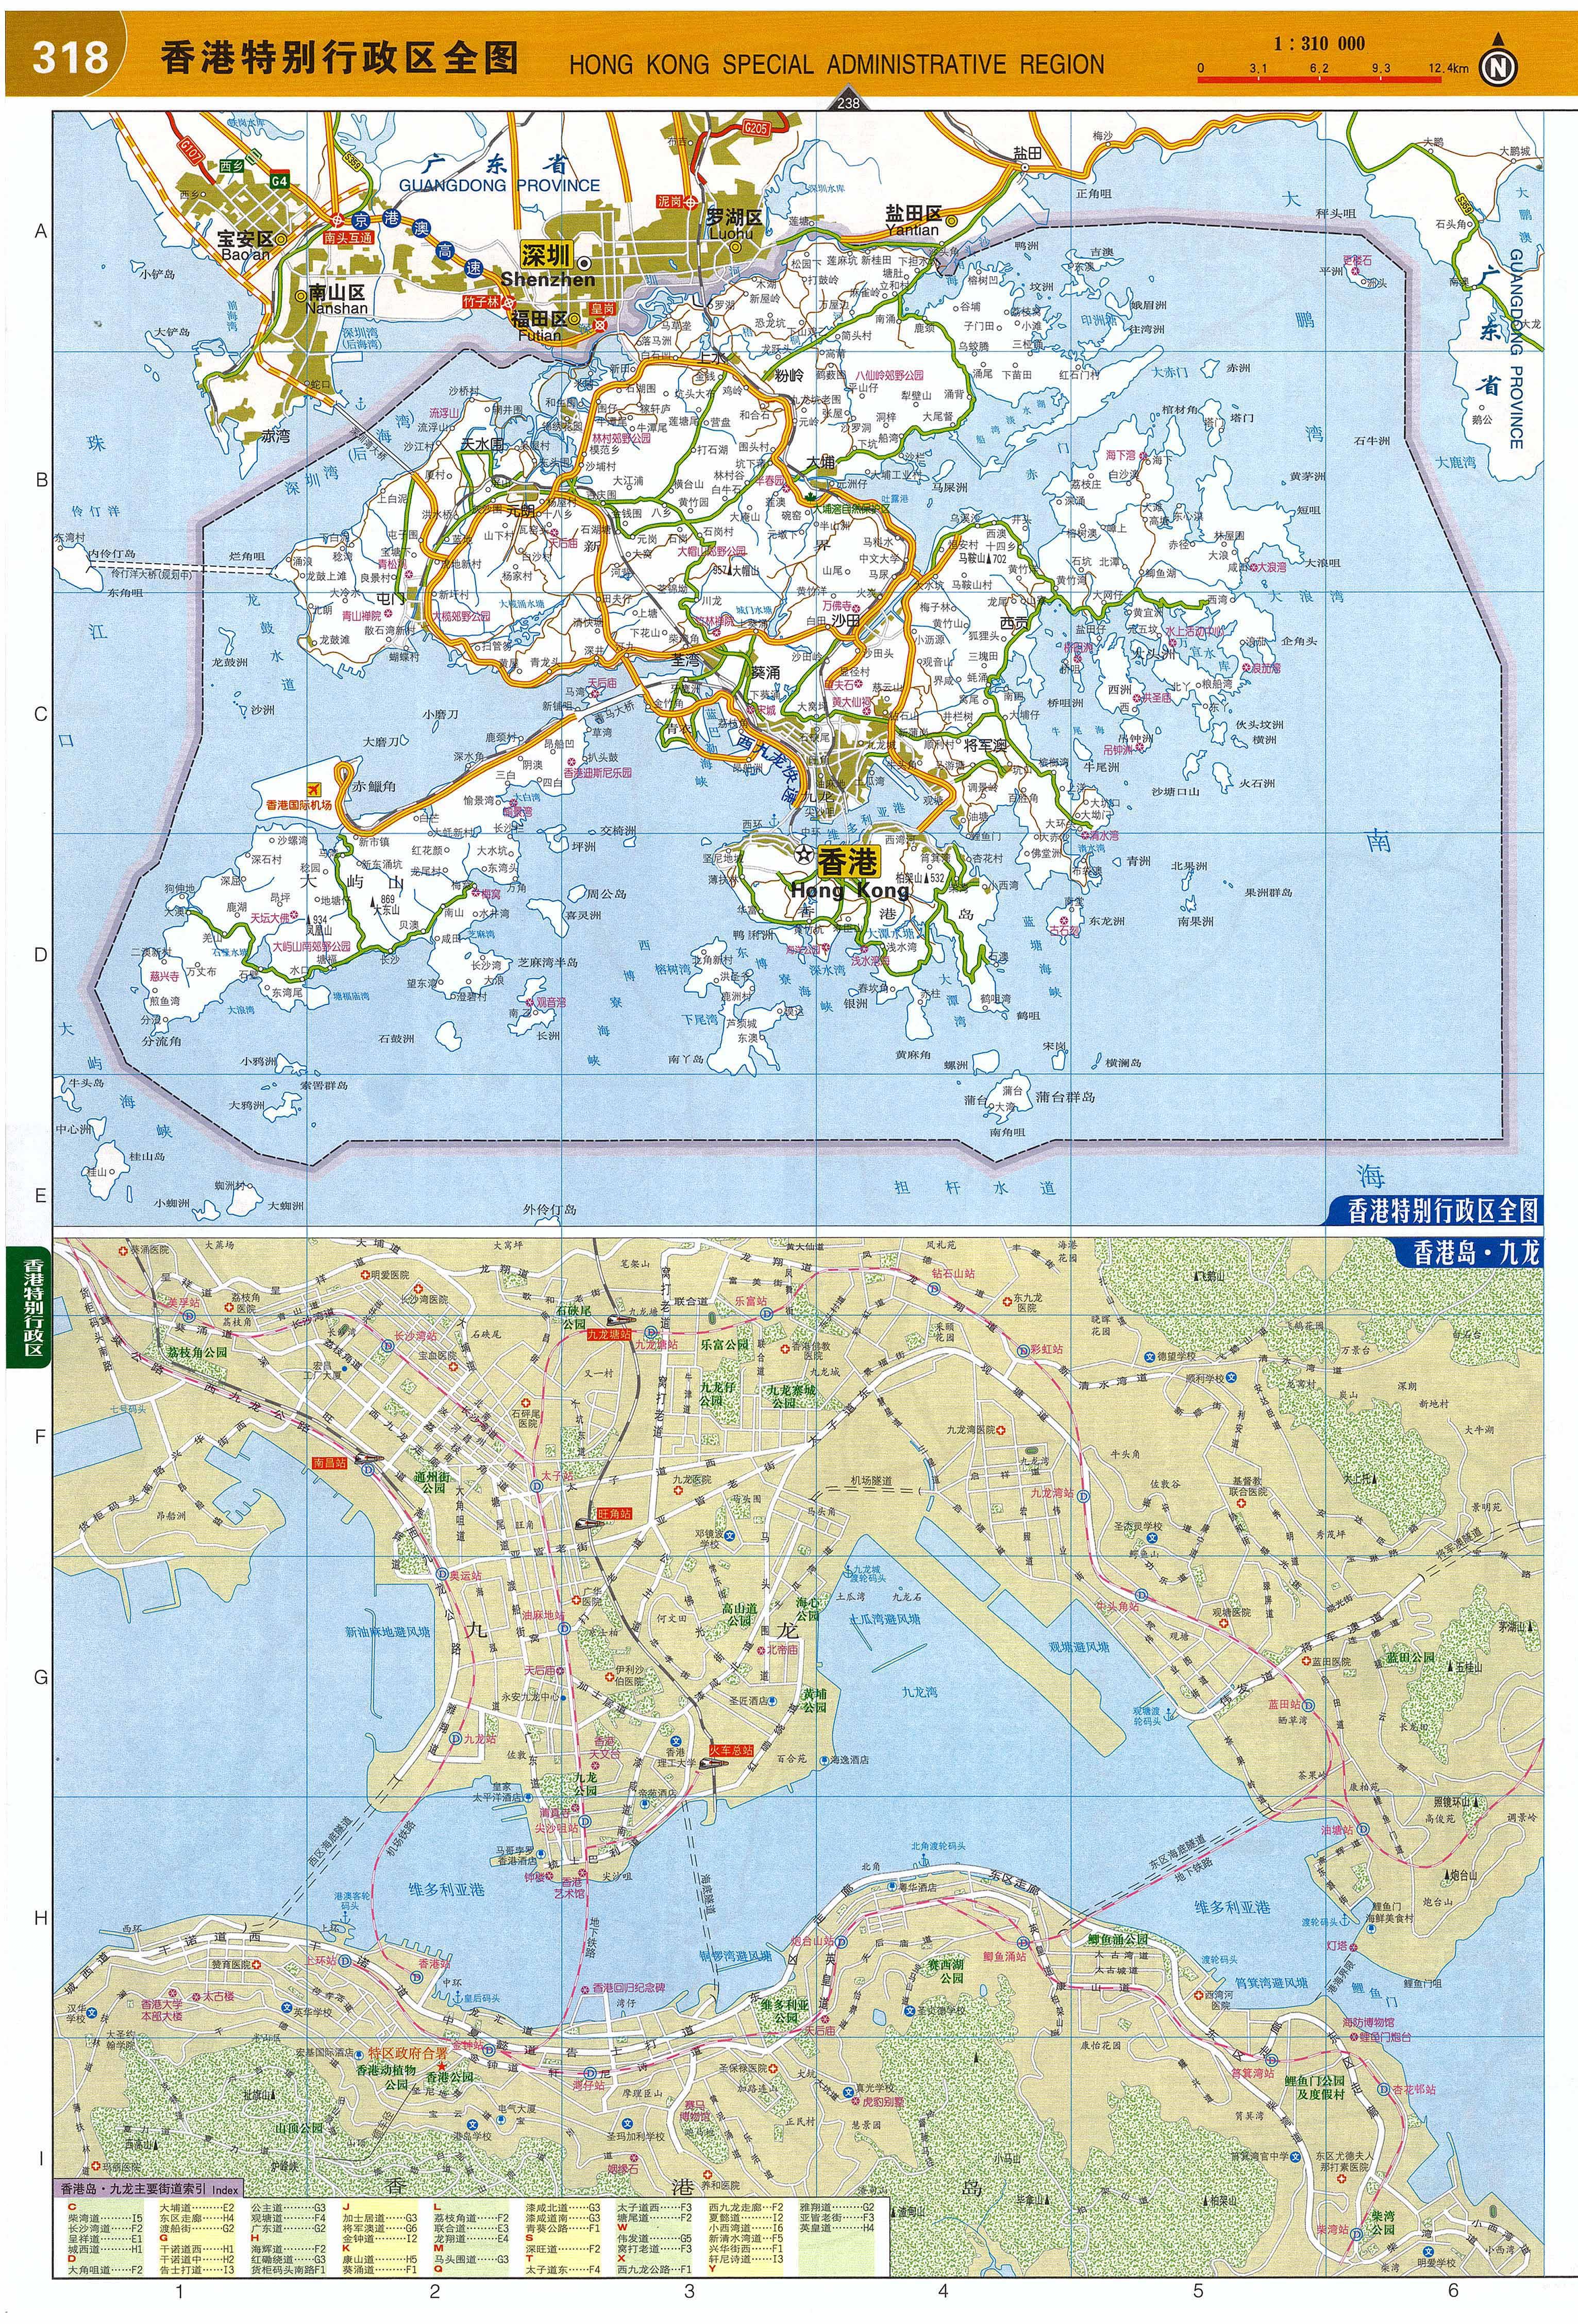 香港交通地图全图高清版